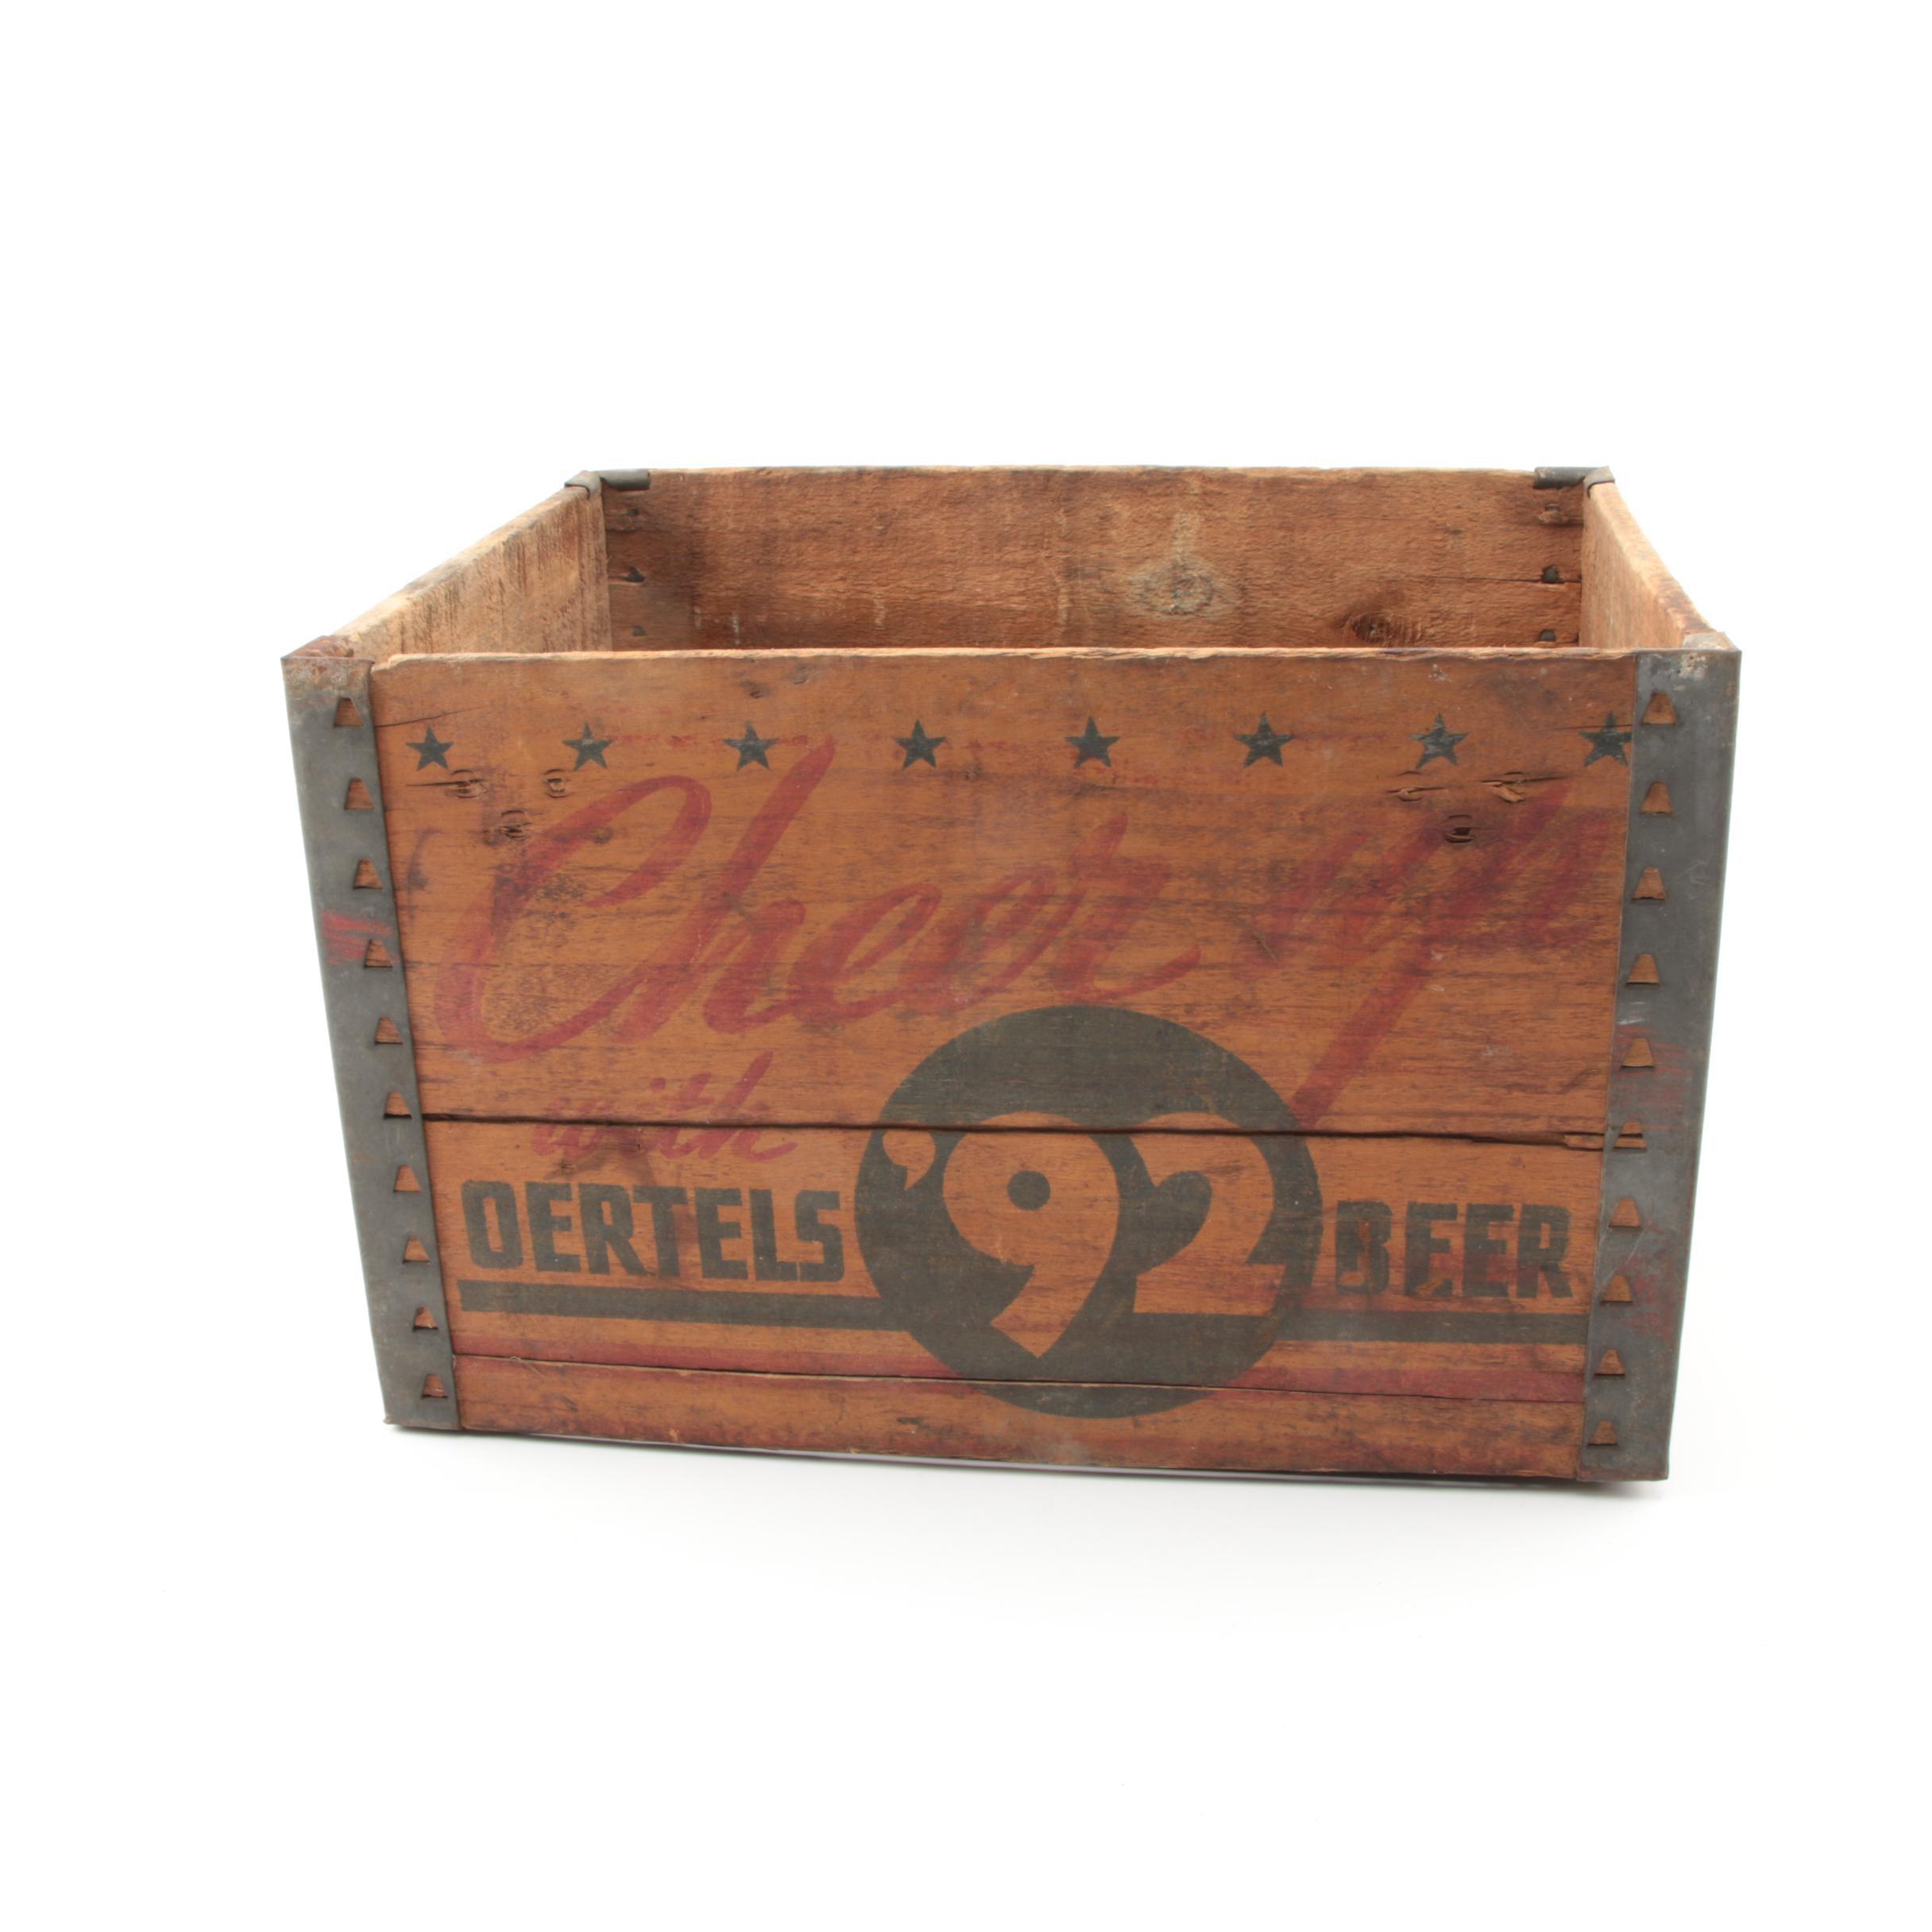 Vintage Oertels '92 Beer Crate